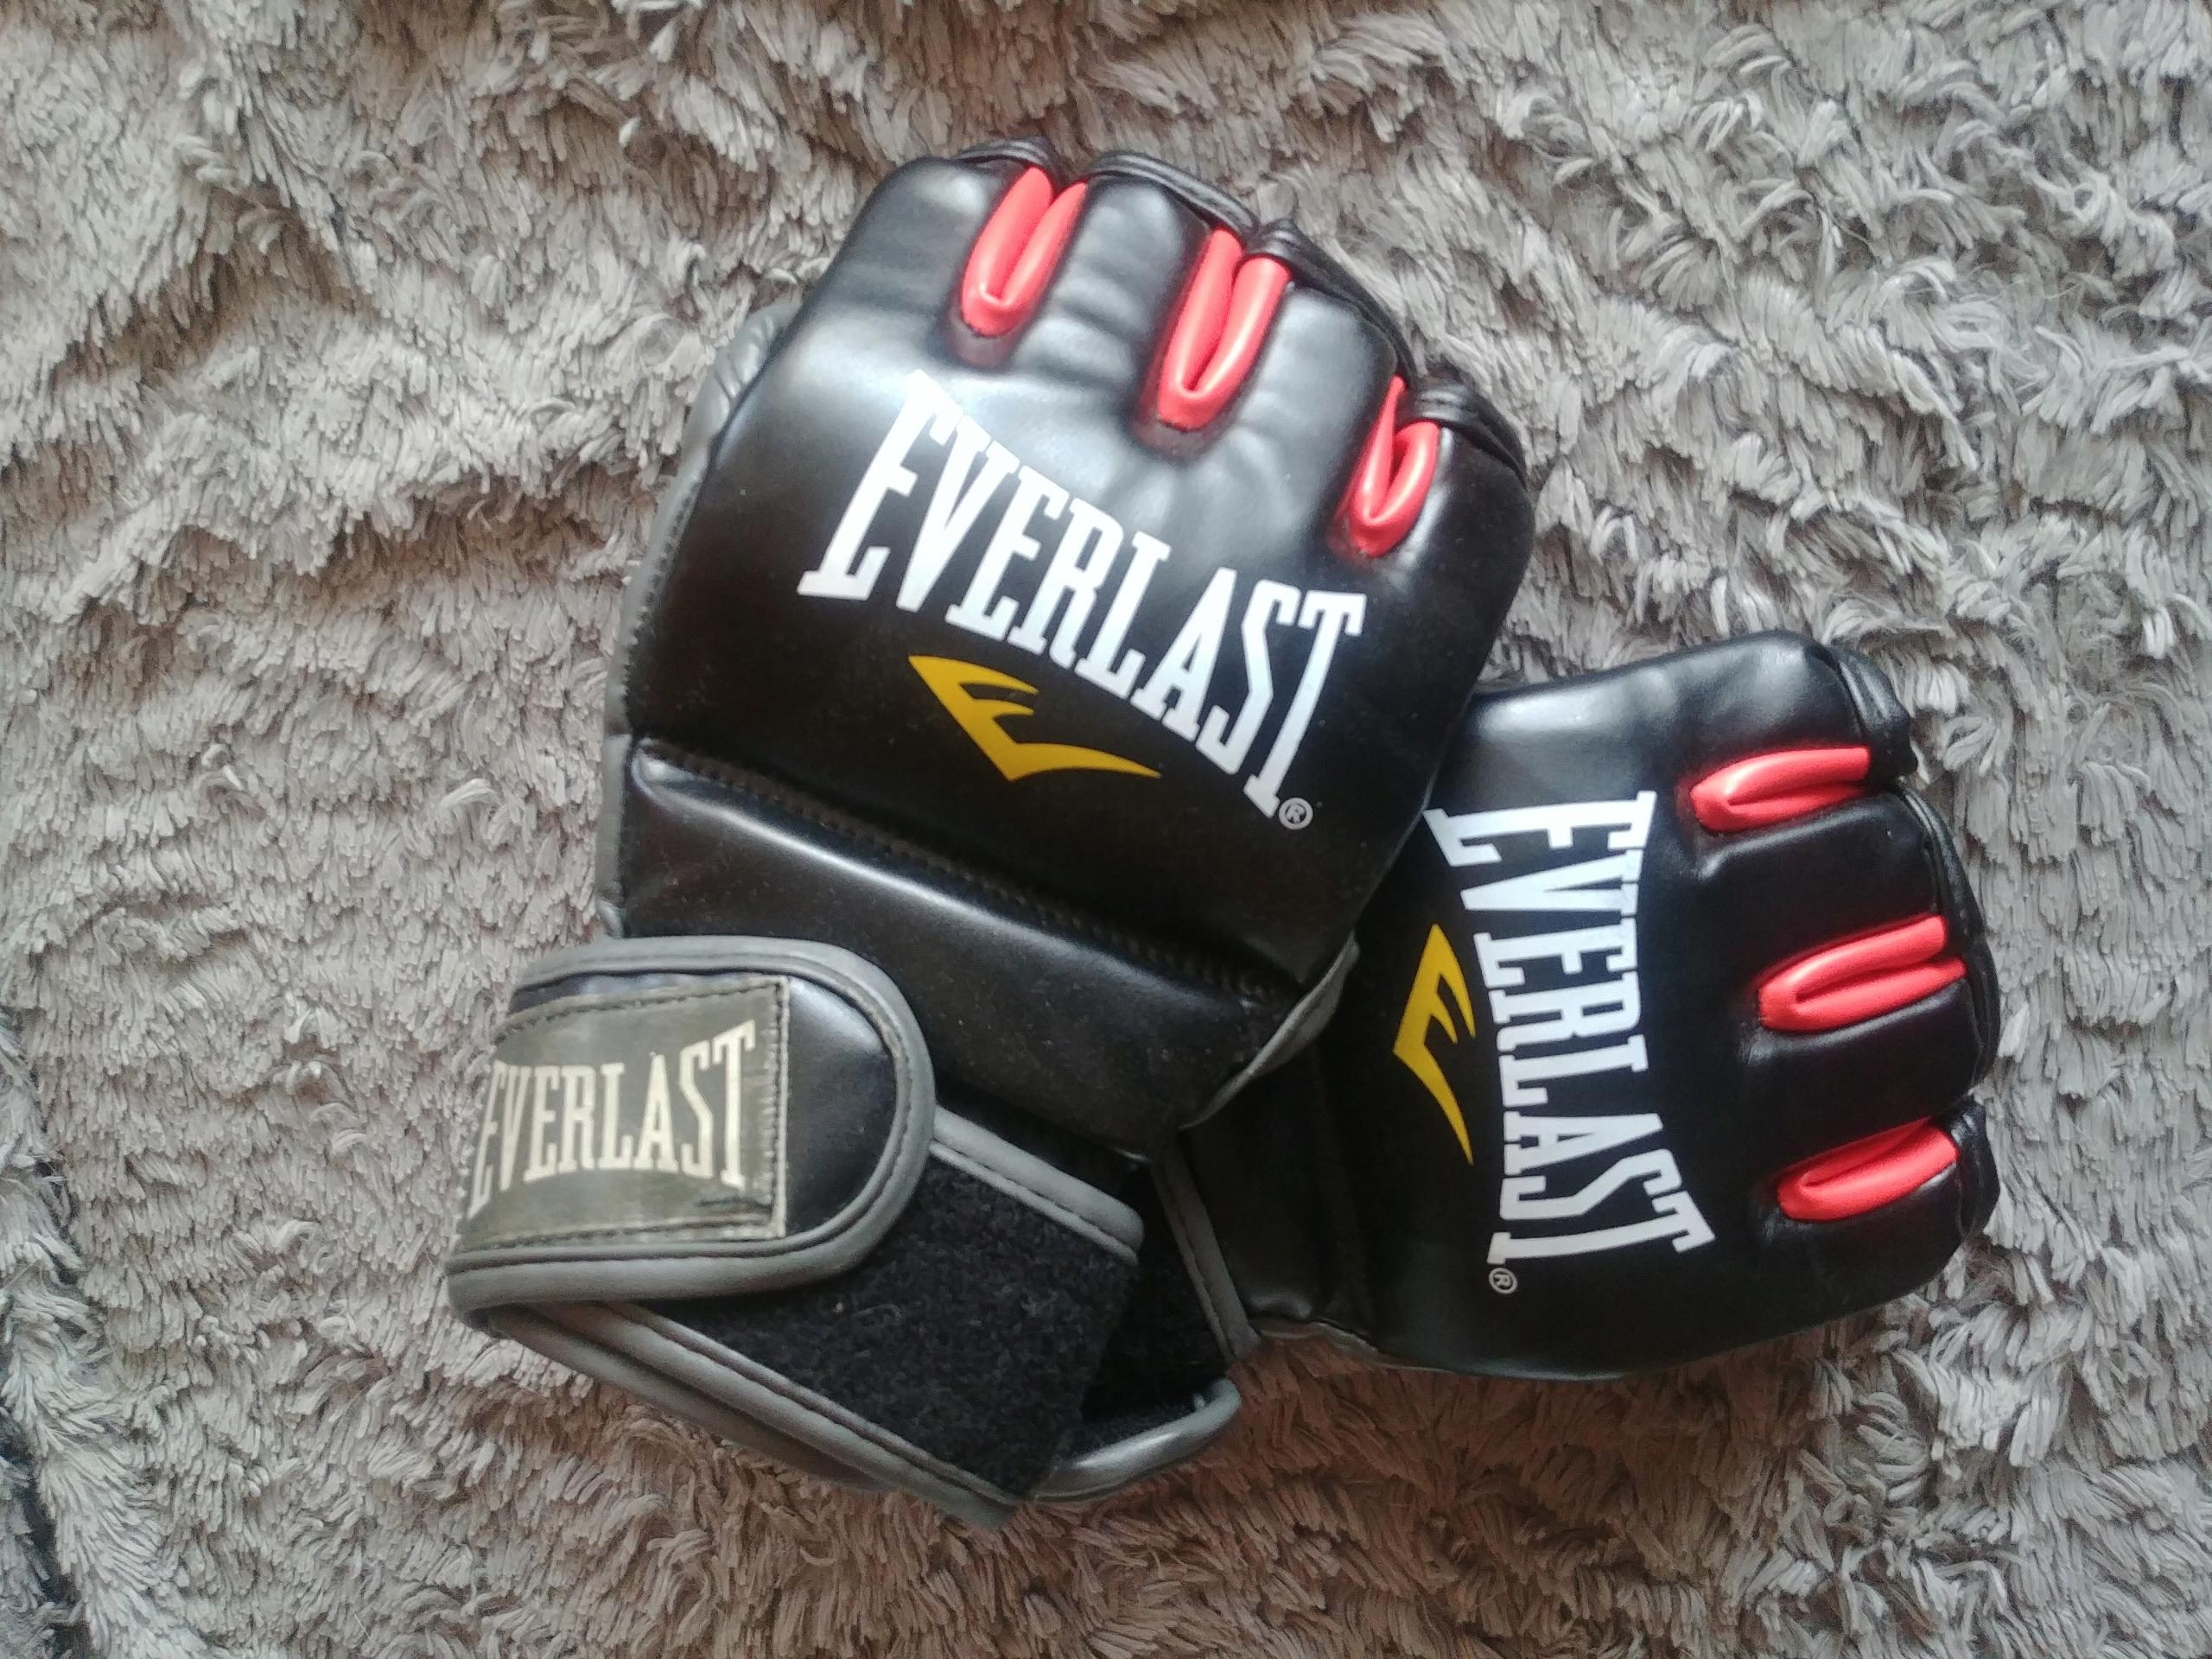 Rękawice MMA Everlast Fight chwytne S M 10